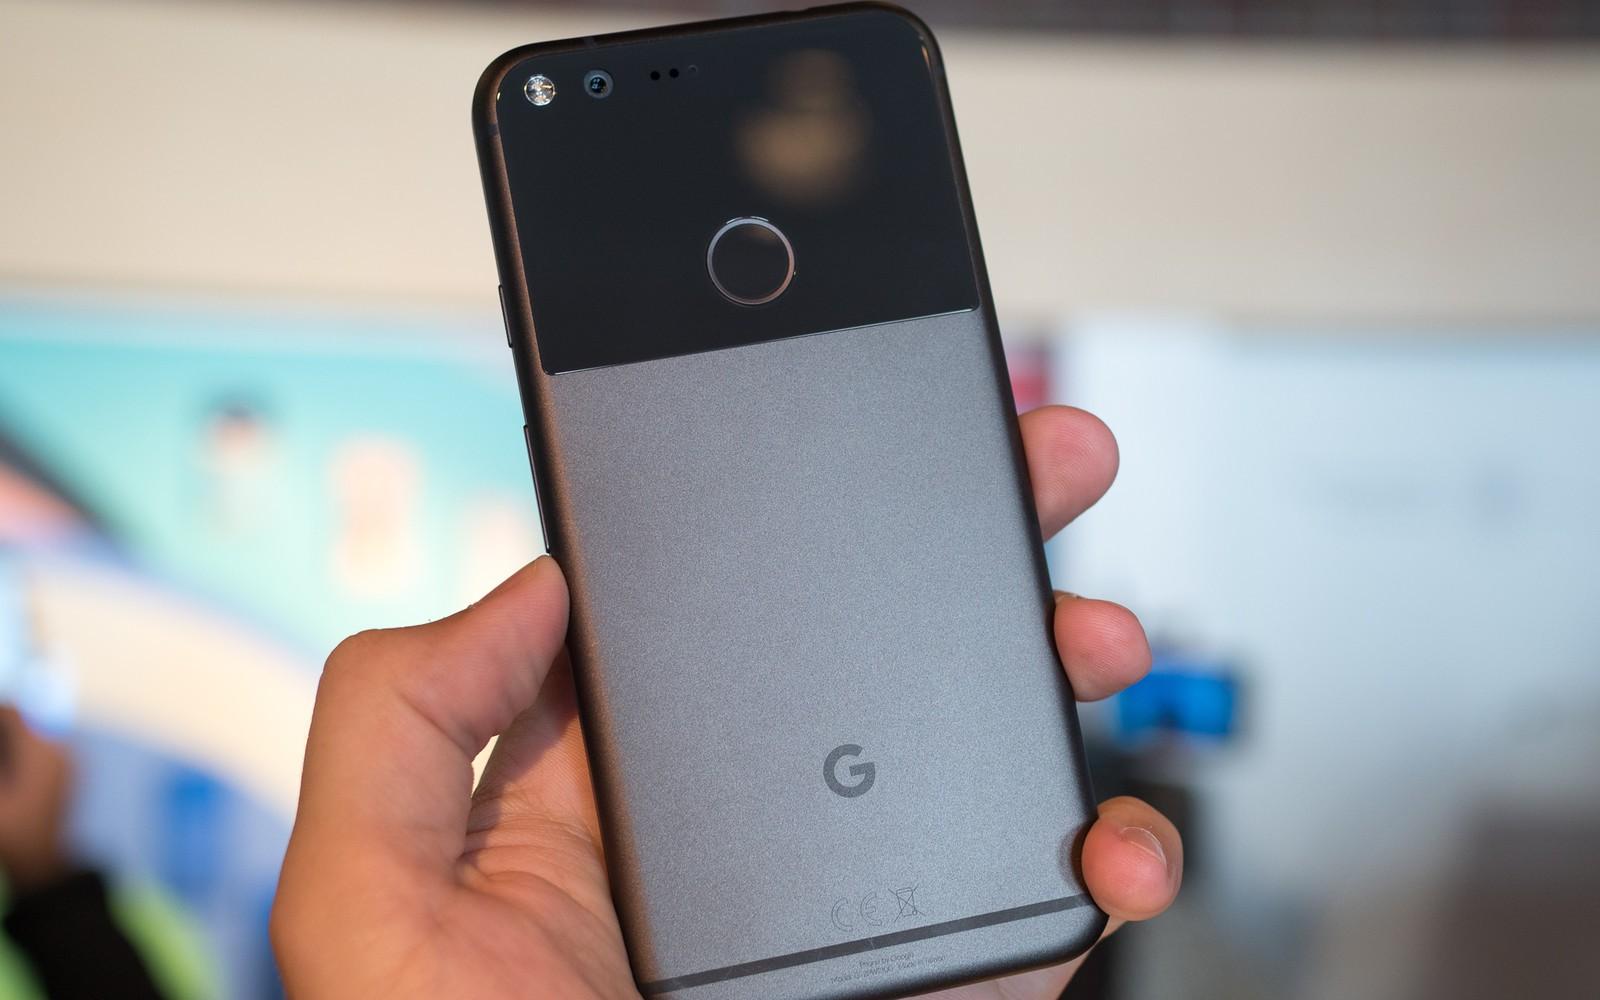 google-pixel-hardware